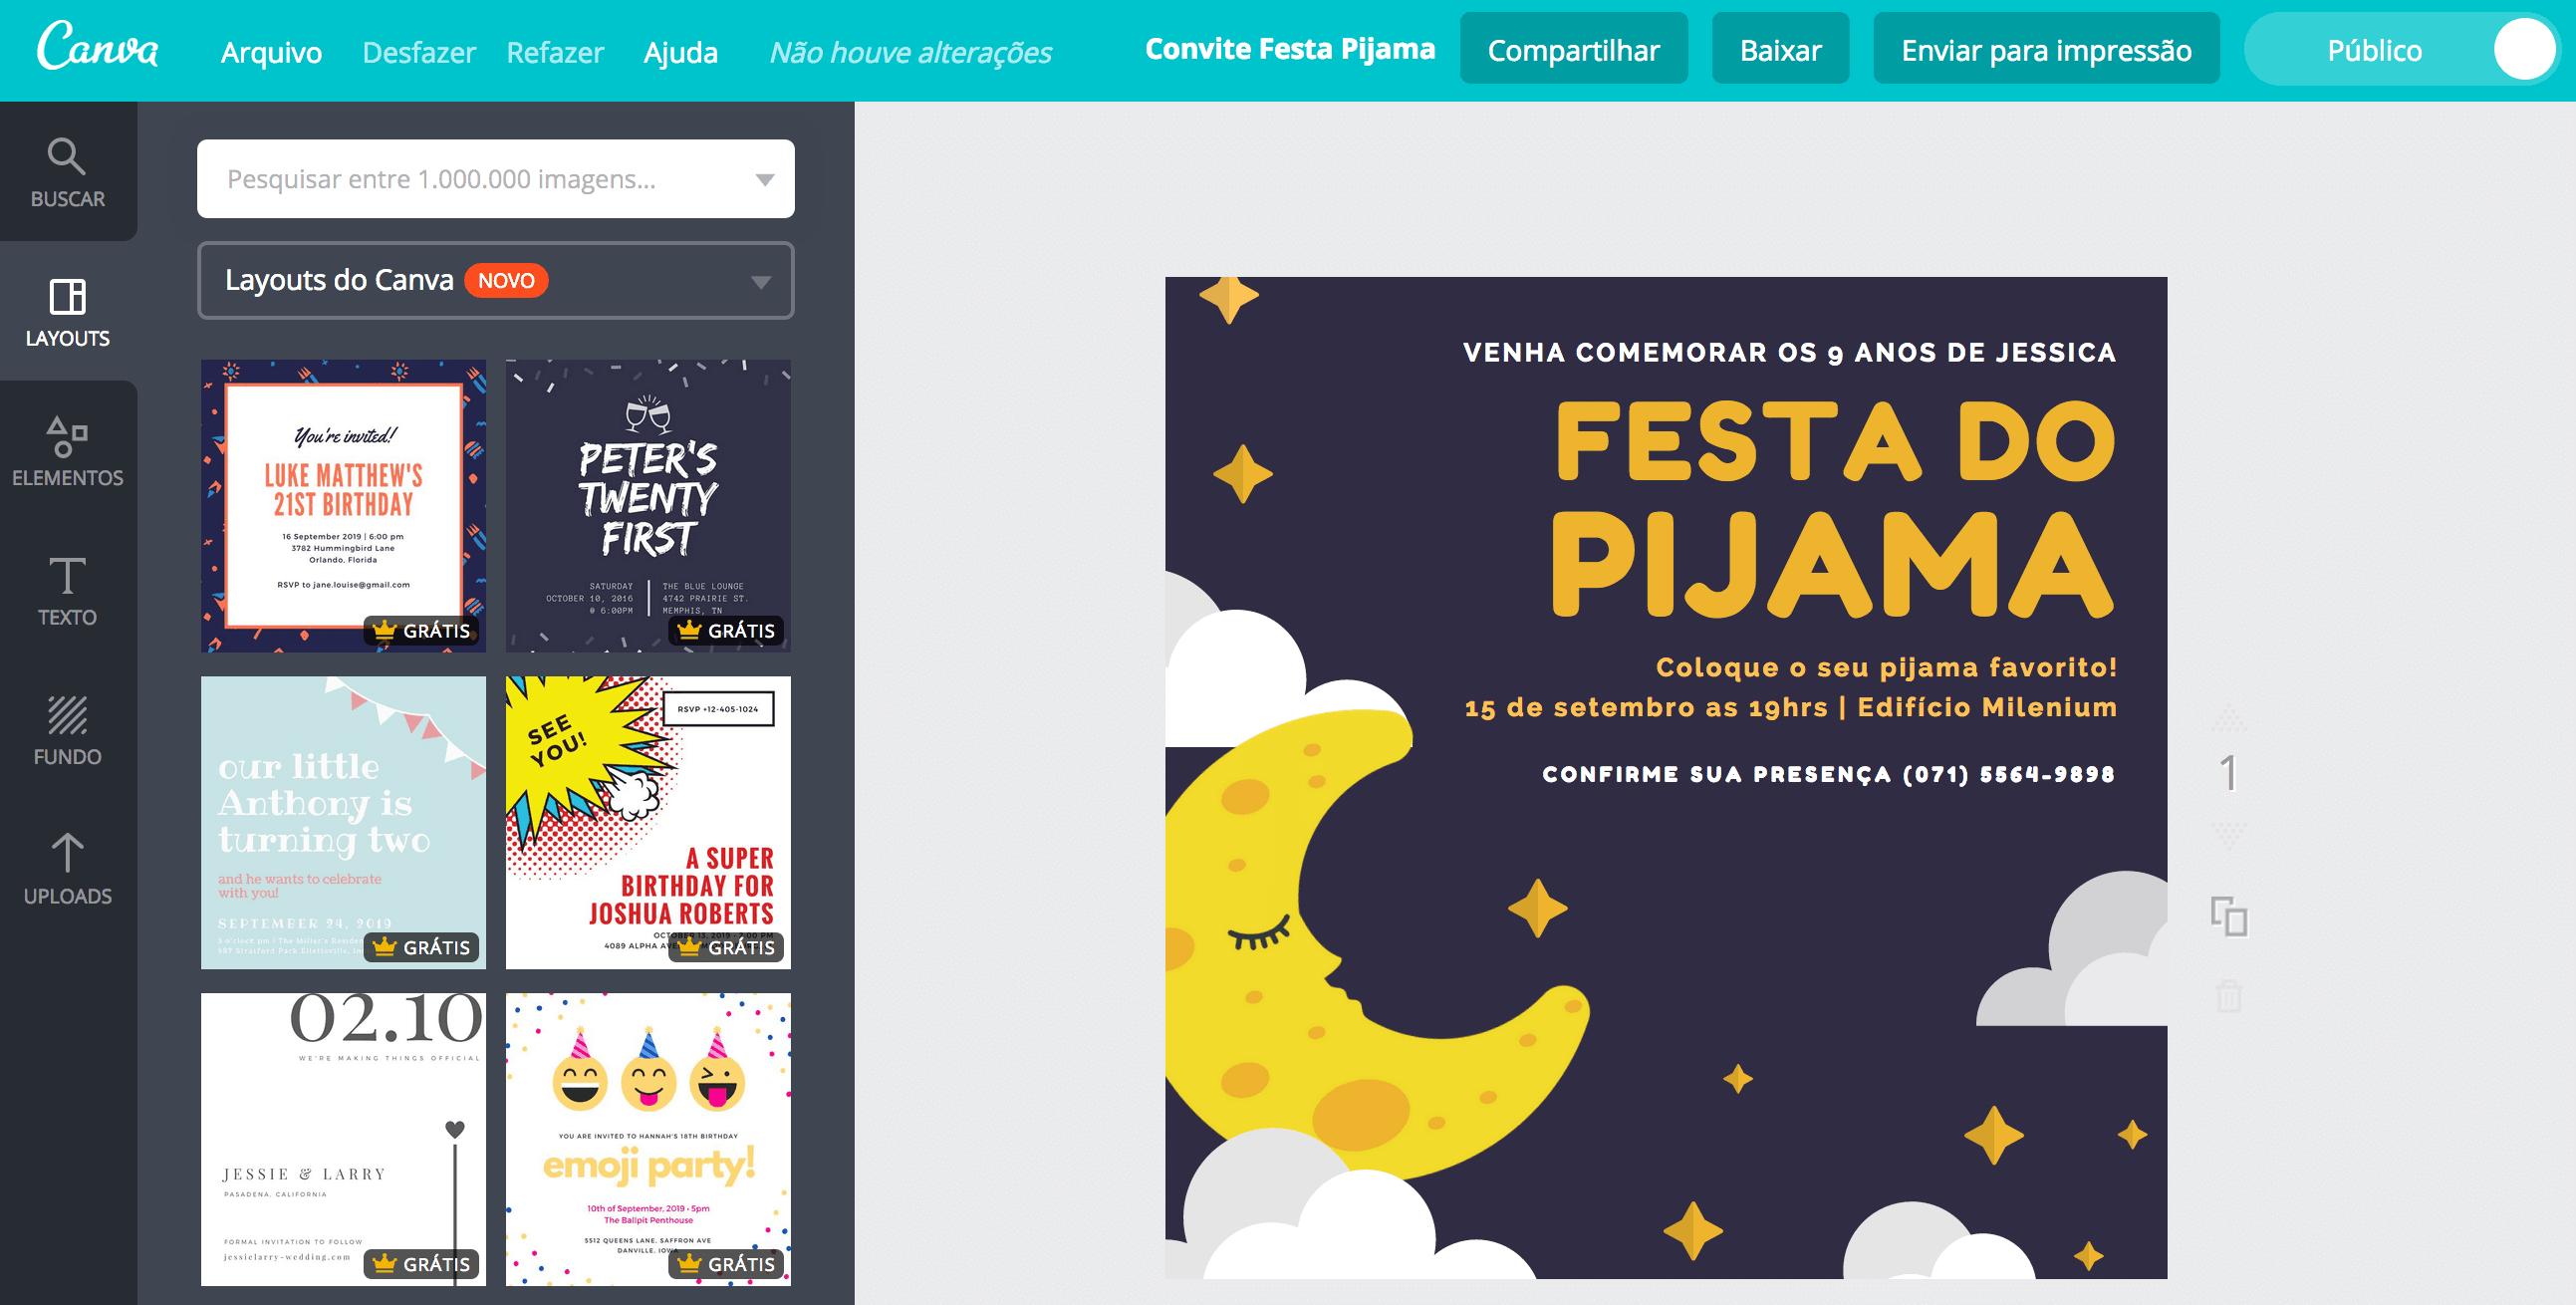 Criar Convite Para Festa Do Pijama Online Canva